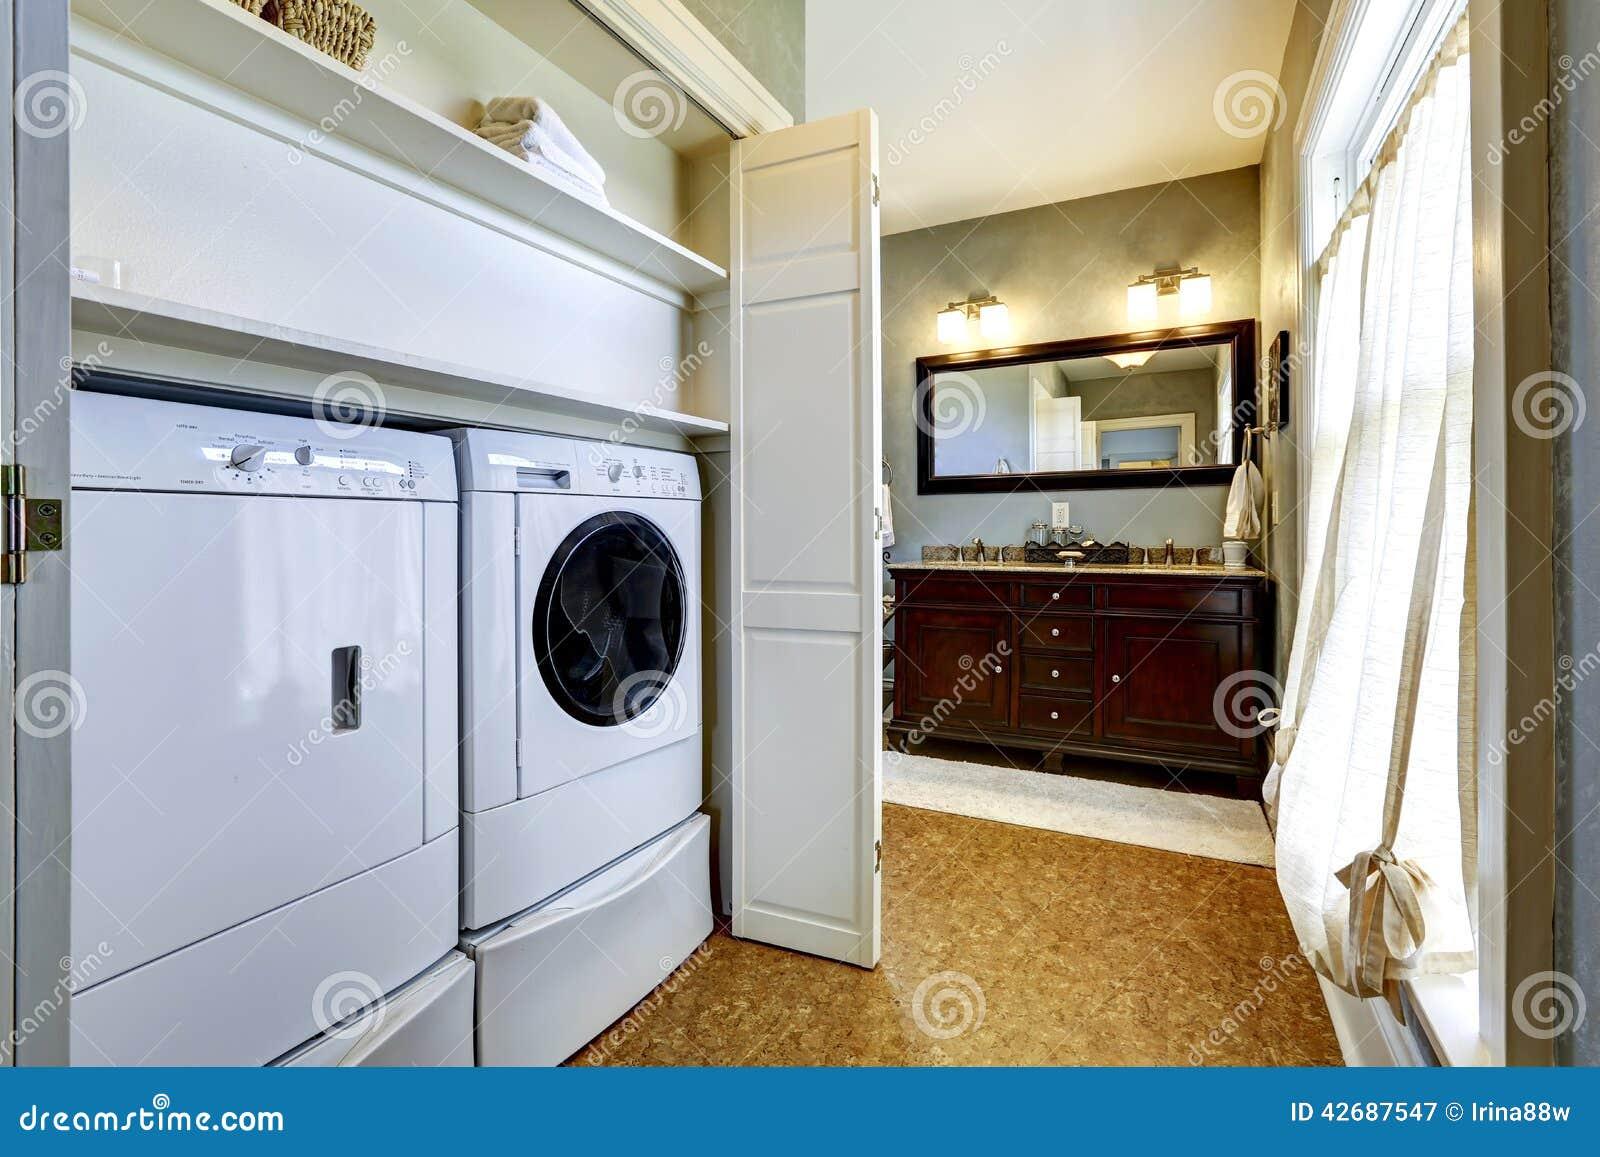 Lichtgrijze gang met ingebouwde wasmachine en droger stock foto afbeelding 42687547 - Lichtgrijze gang ...